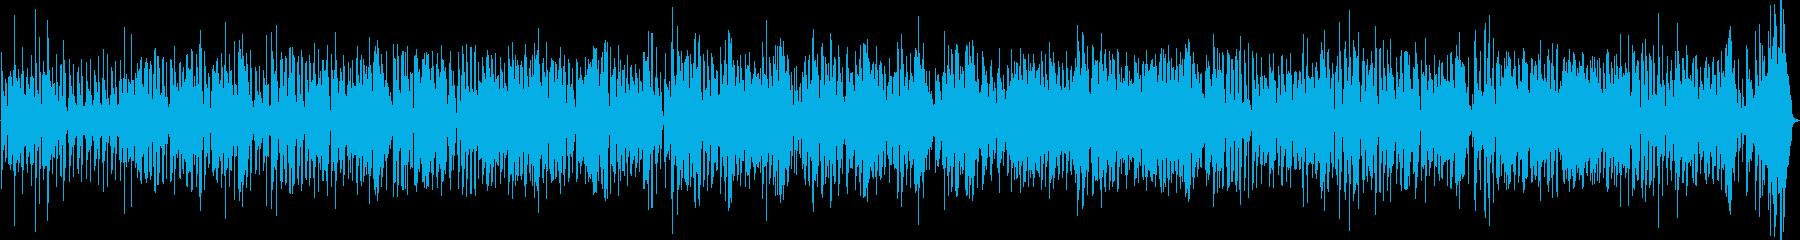 デキシーランドジャズの再生済みの波形